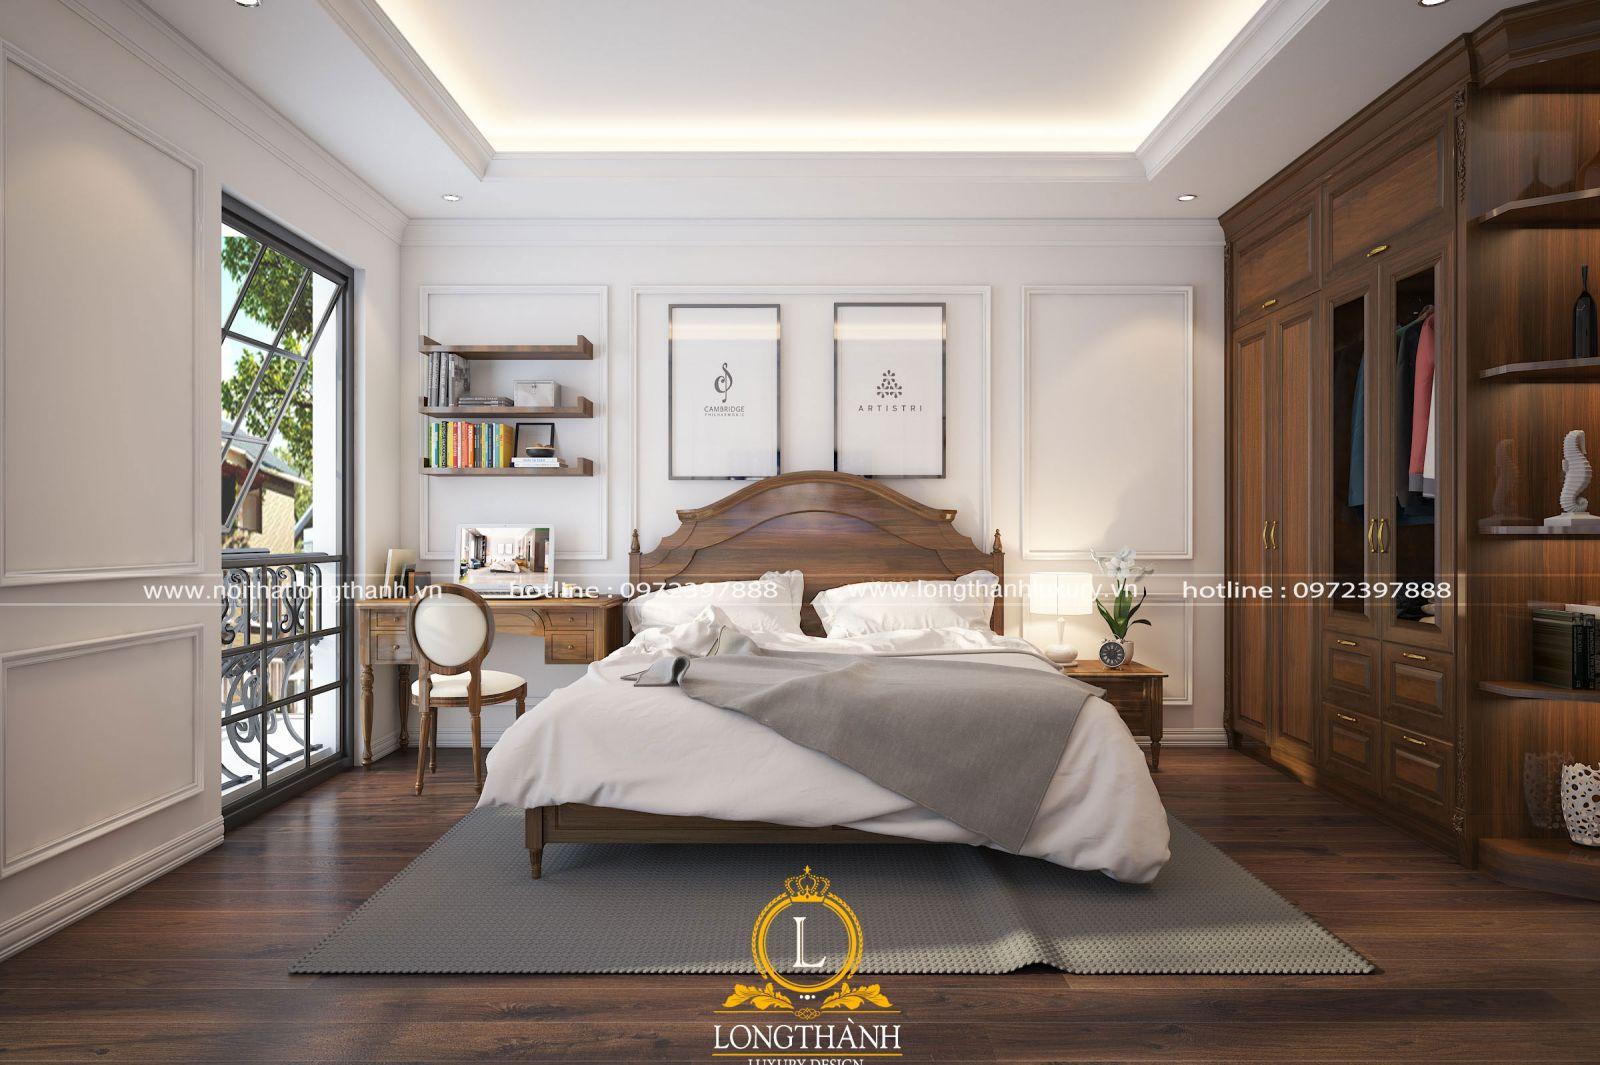 Căn phòng ngủ cao cấp được bố trí kinh hoạt theo không gian thực tế